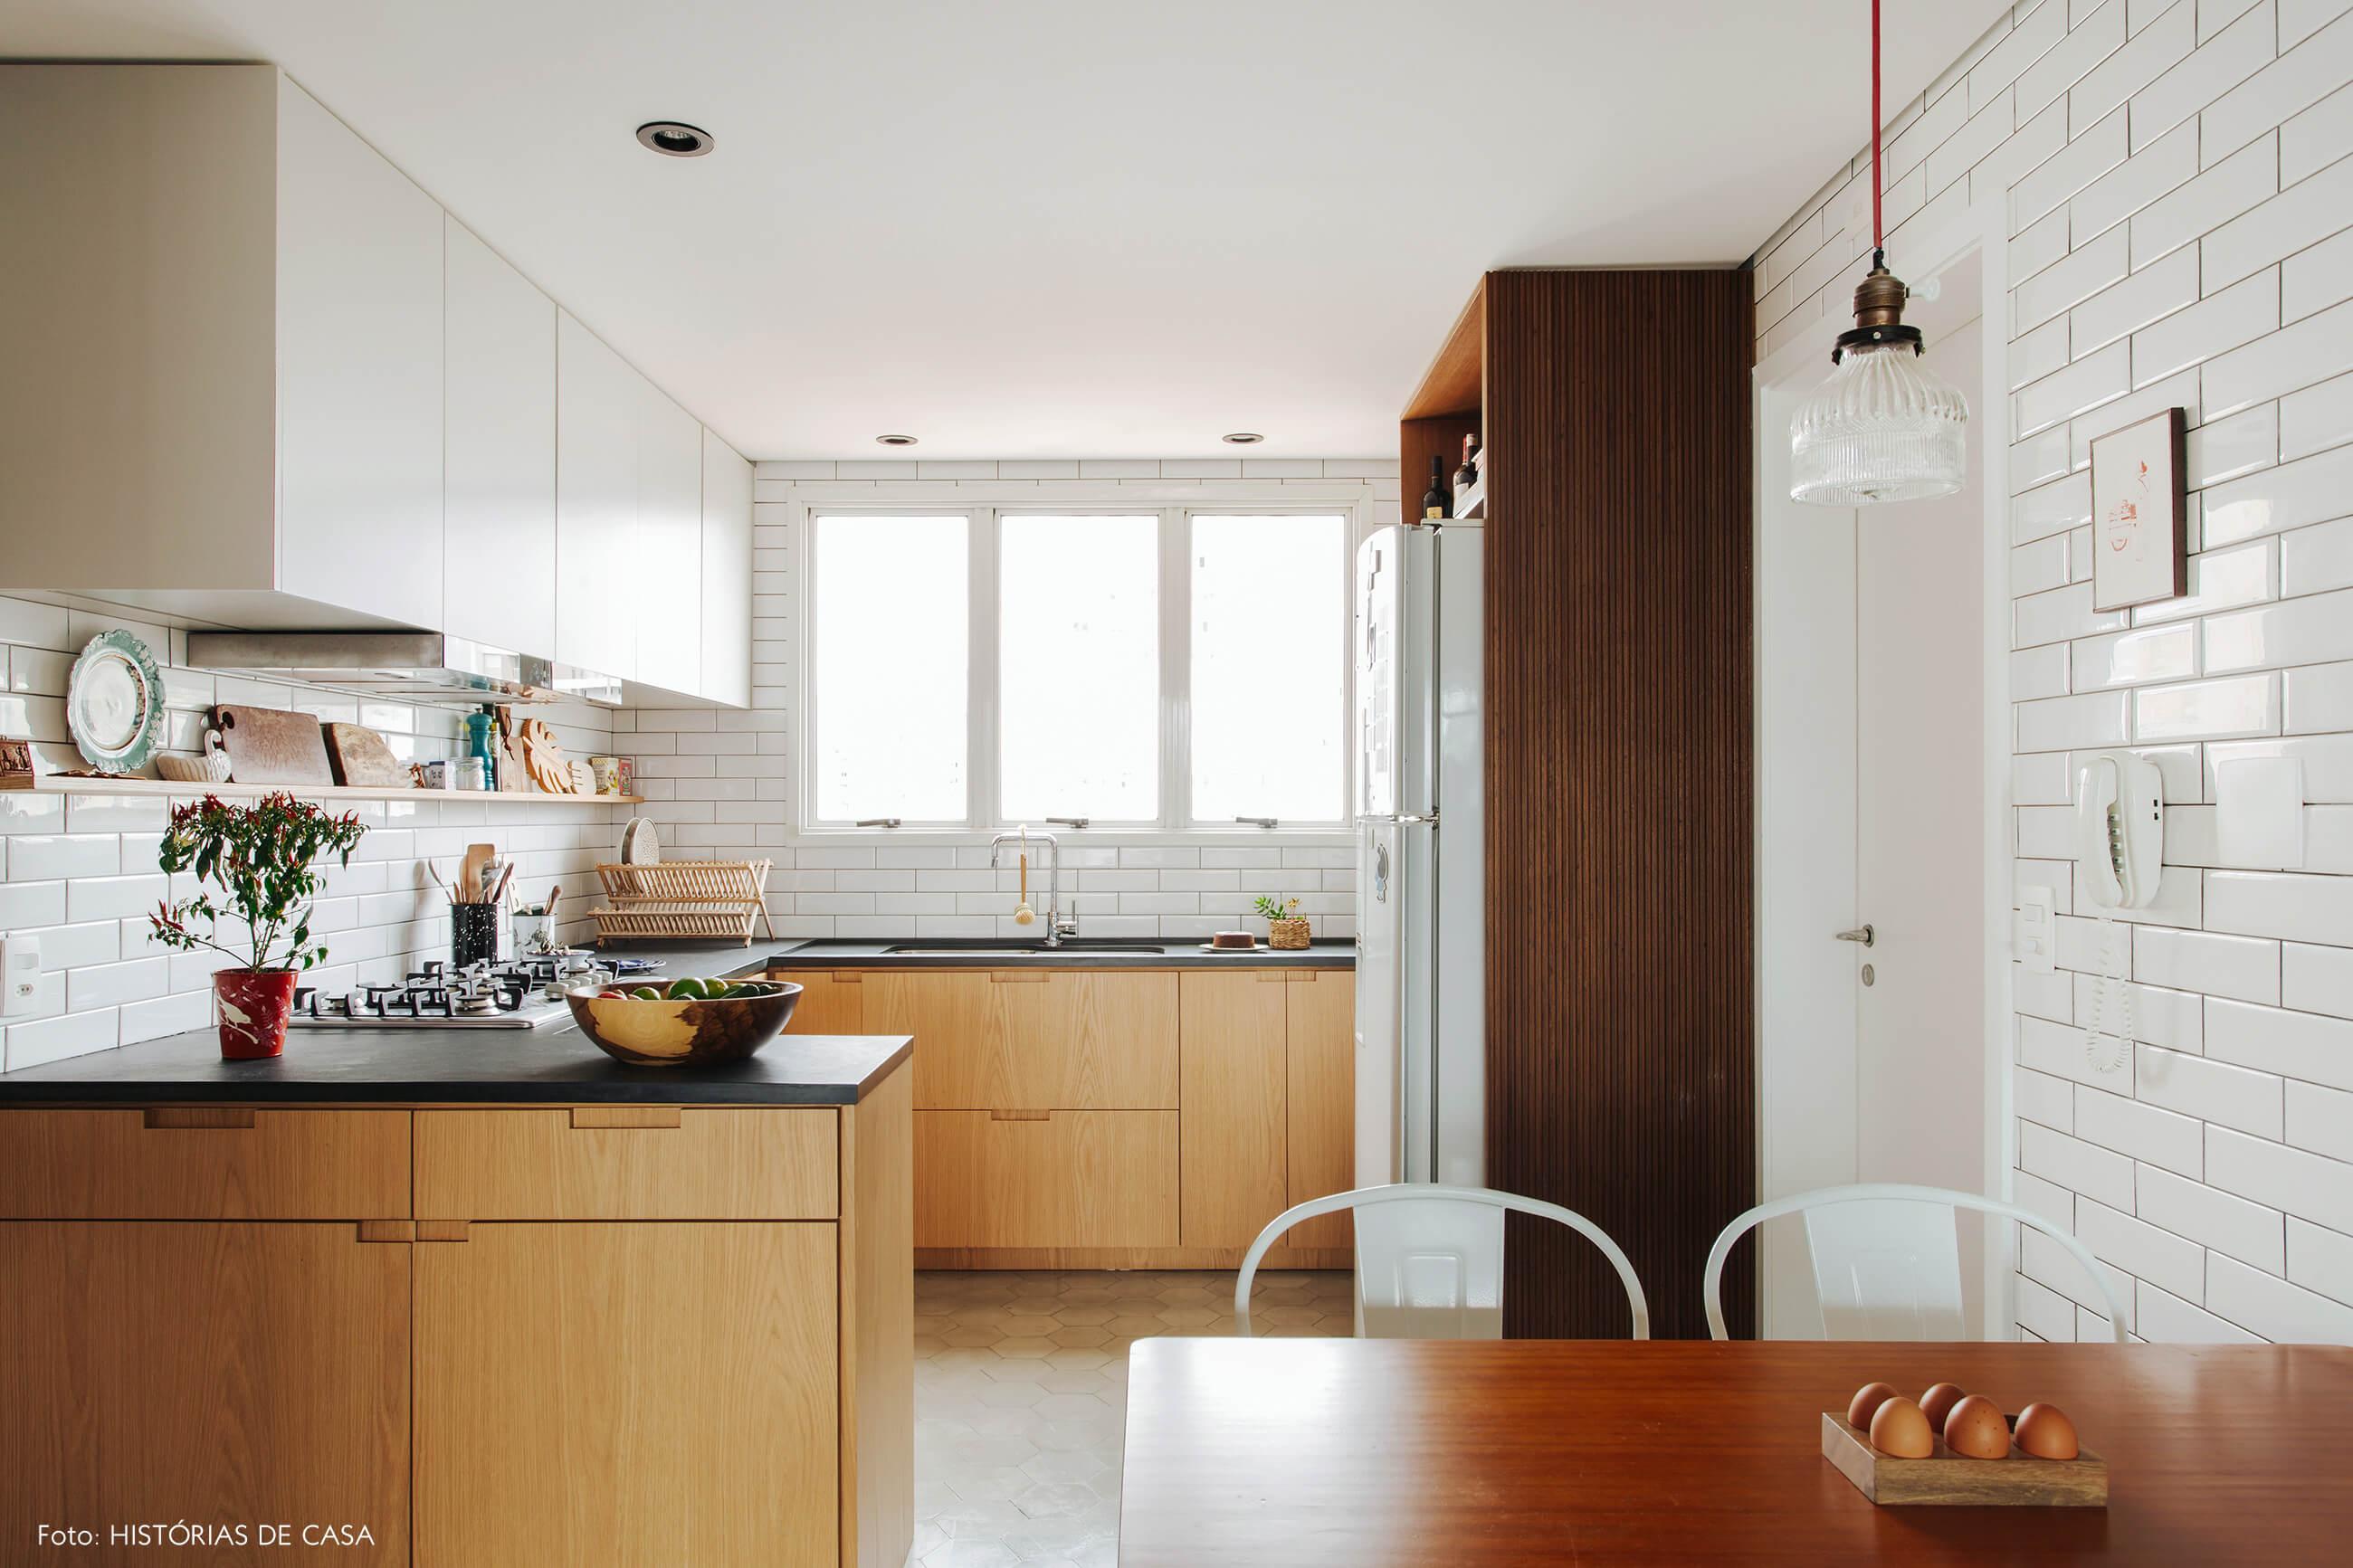 Cozinha reformada, marcenaria em tons claros e piso de ladrilhos